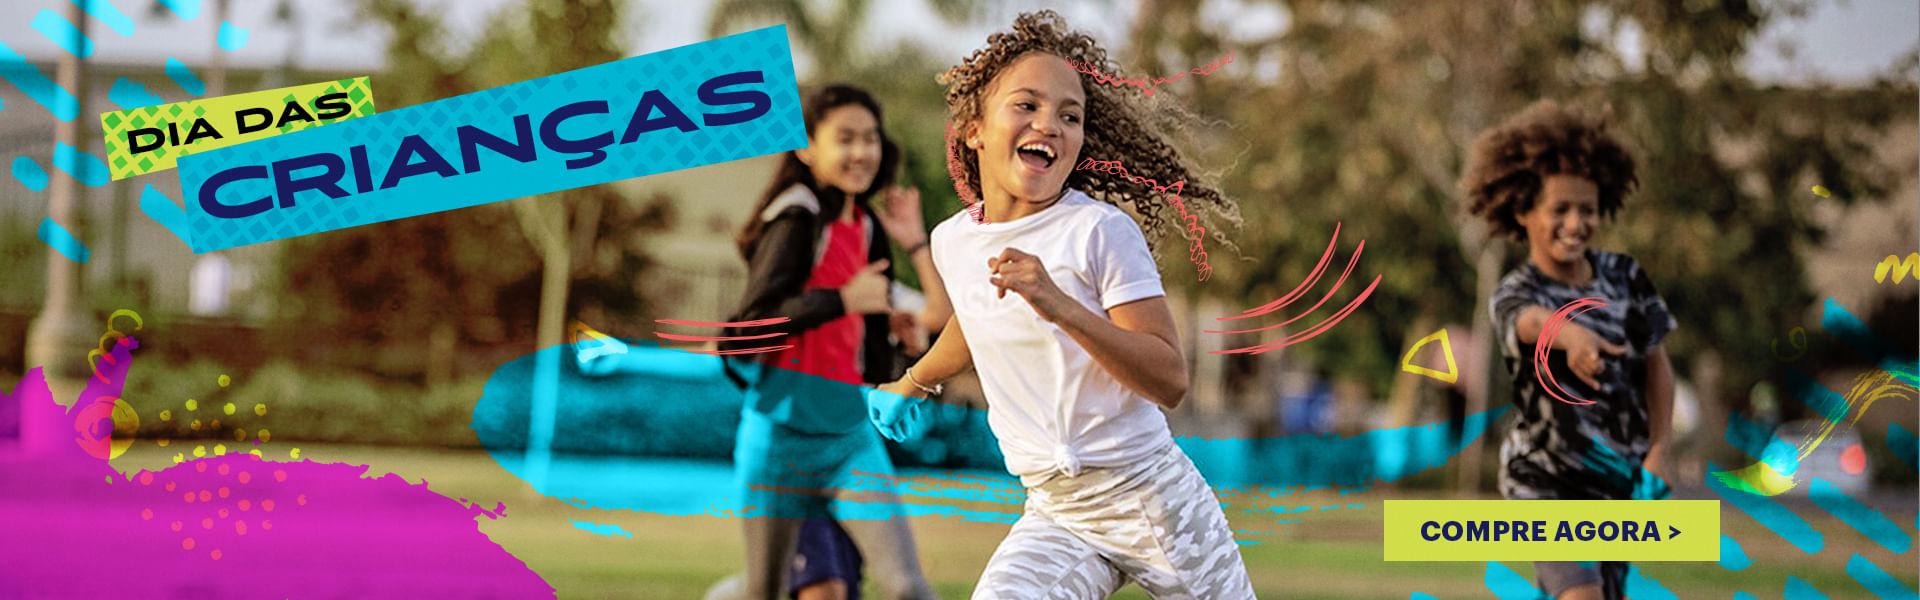 Campanha-Dia-das-Criancas-ASICS